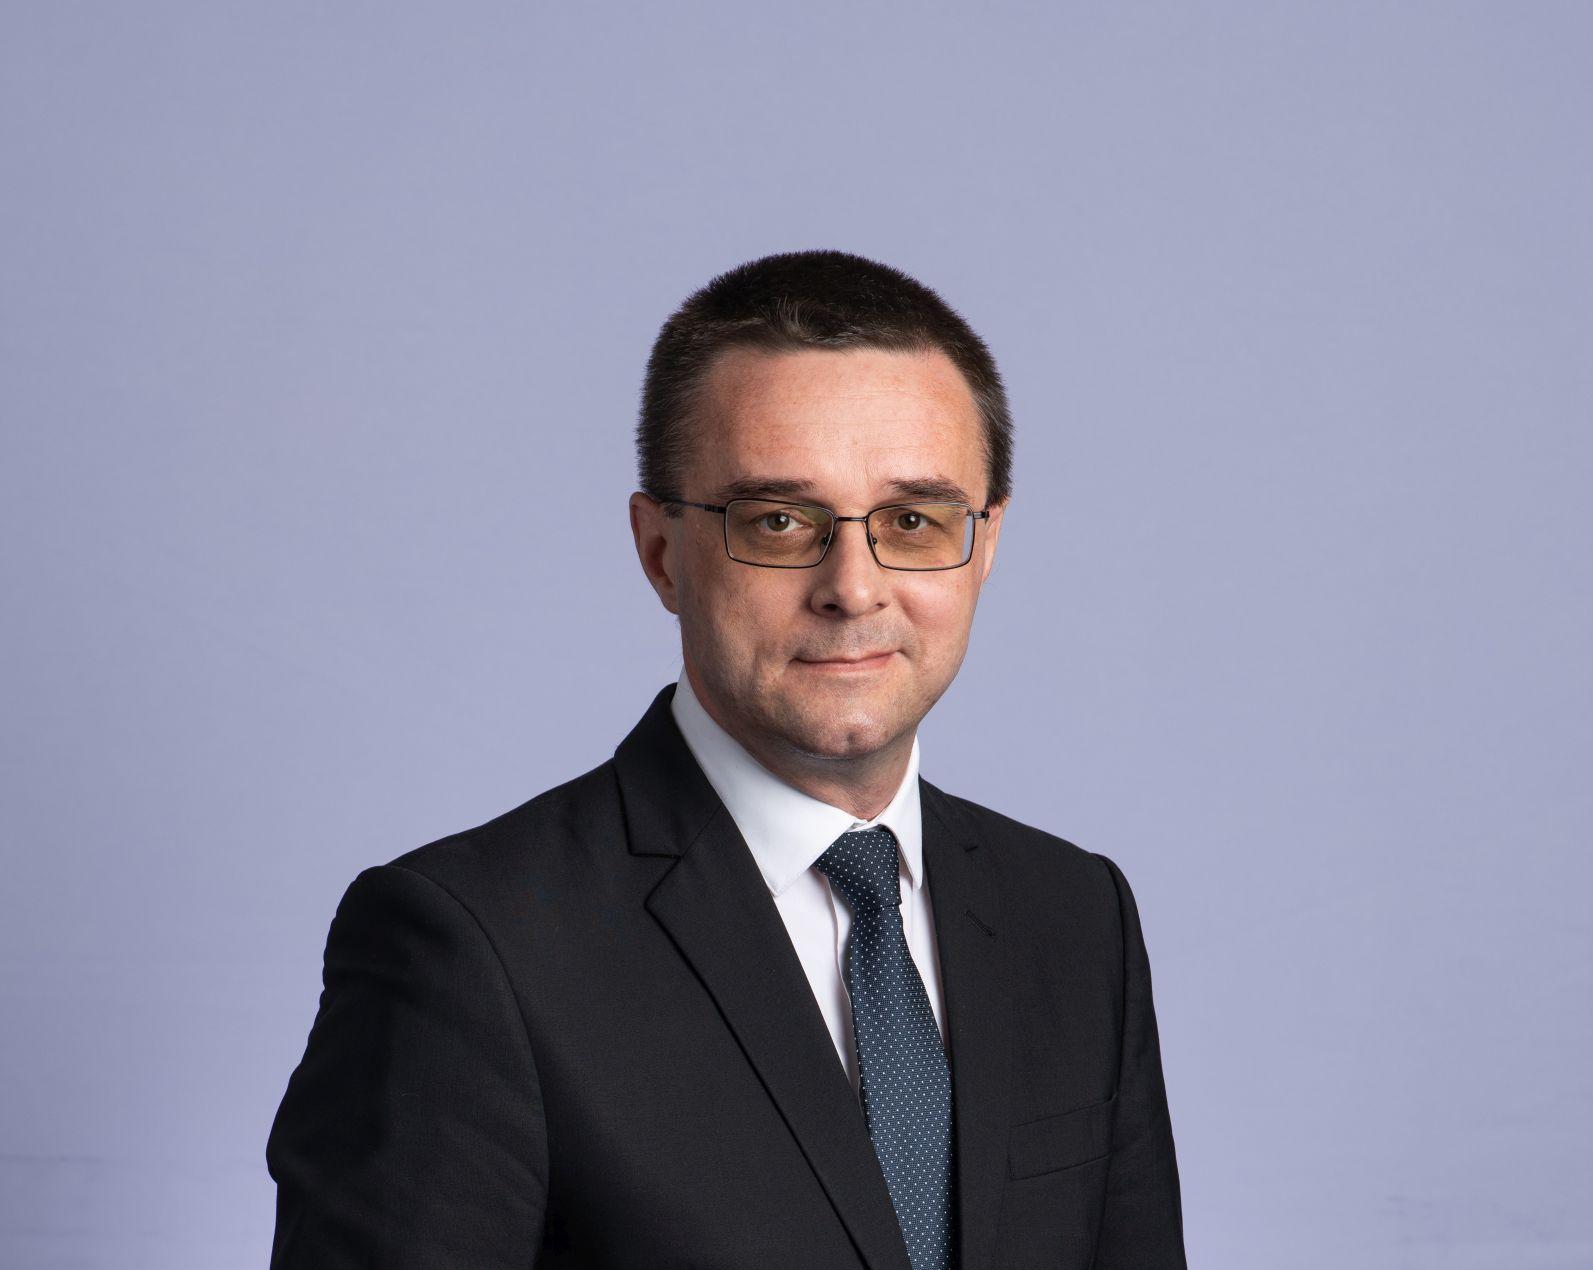 Sănătatea elevilor, prioritate pentru PNL. Ce proiect are Sorin Mihai, inspector școlar general și candidat la alegerile parlamentare